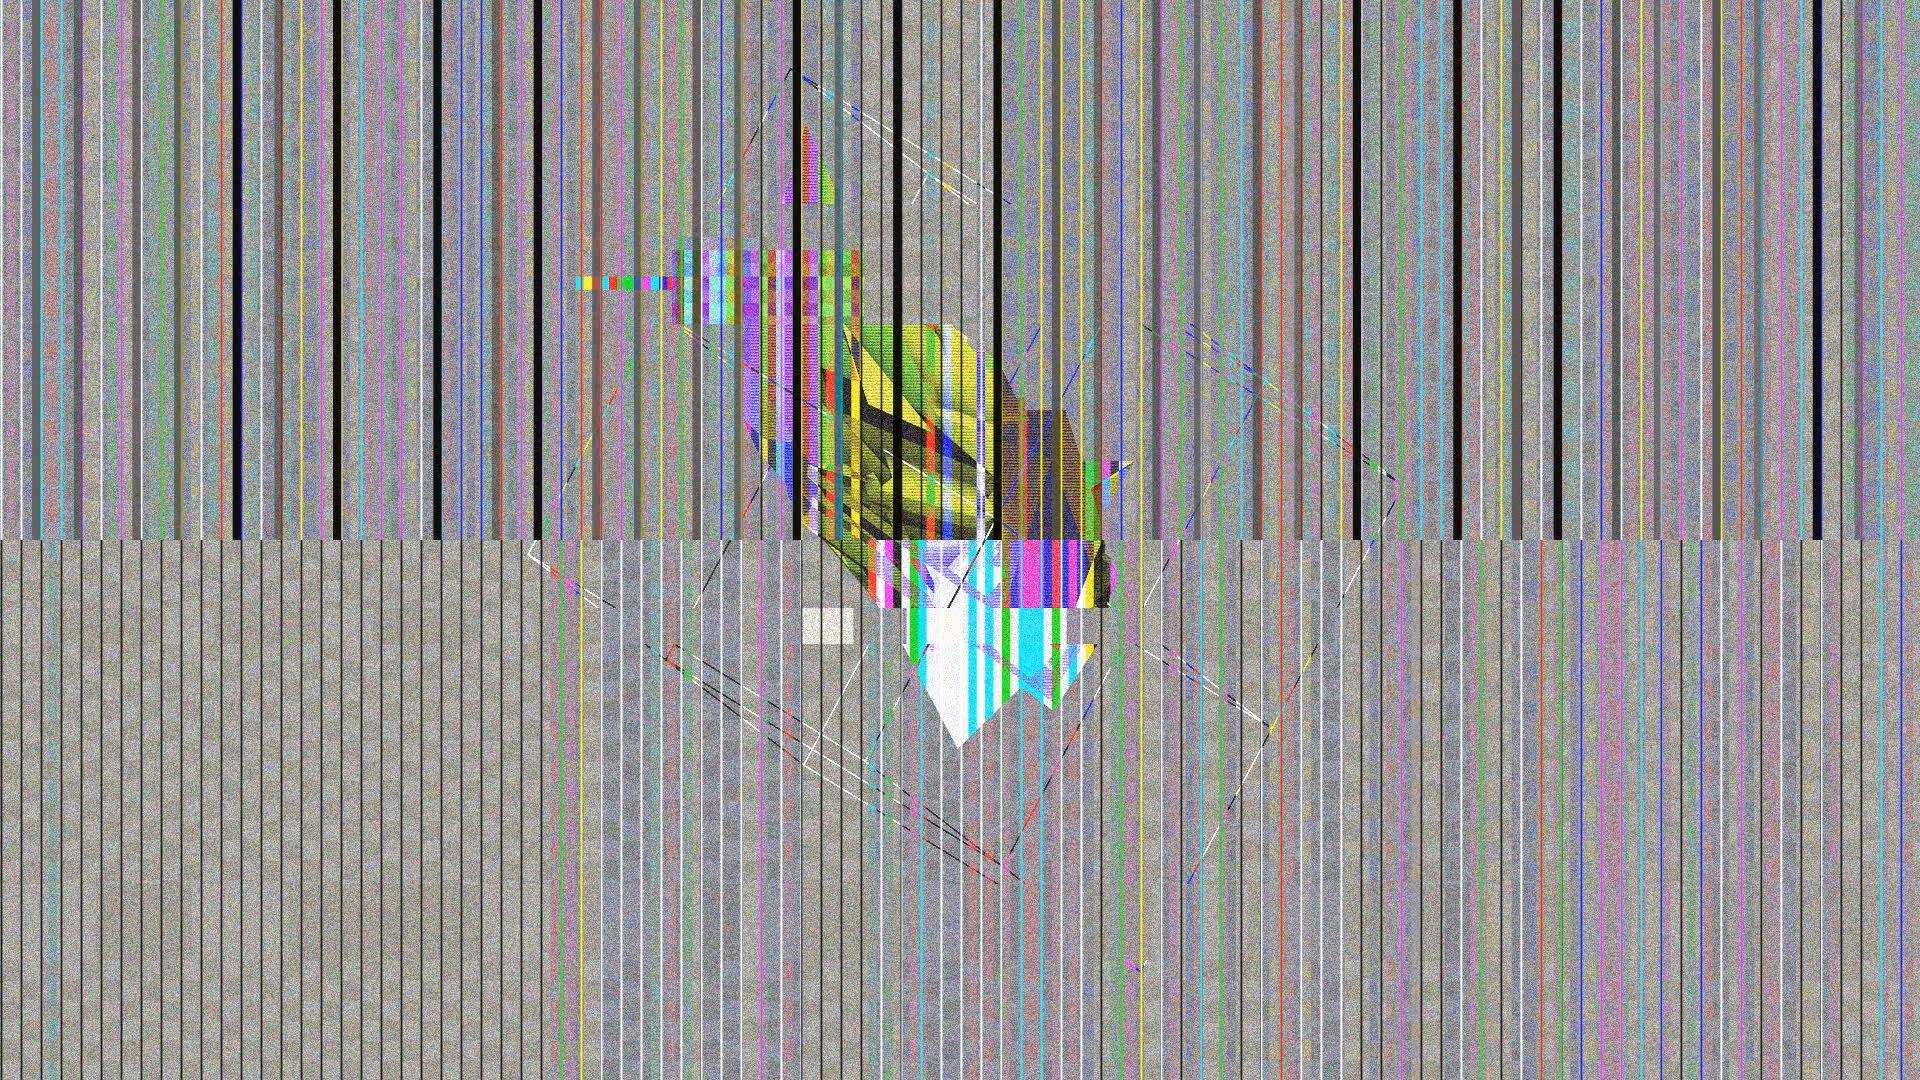 Trees_w01 (0-00-06-11)